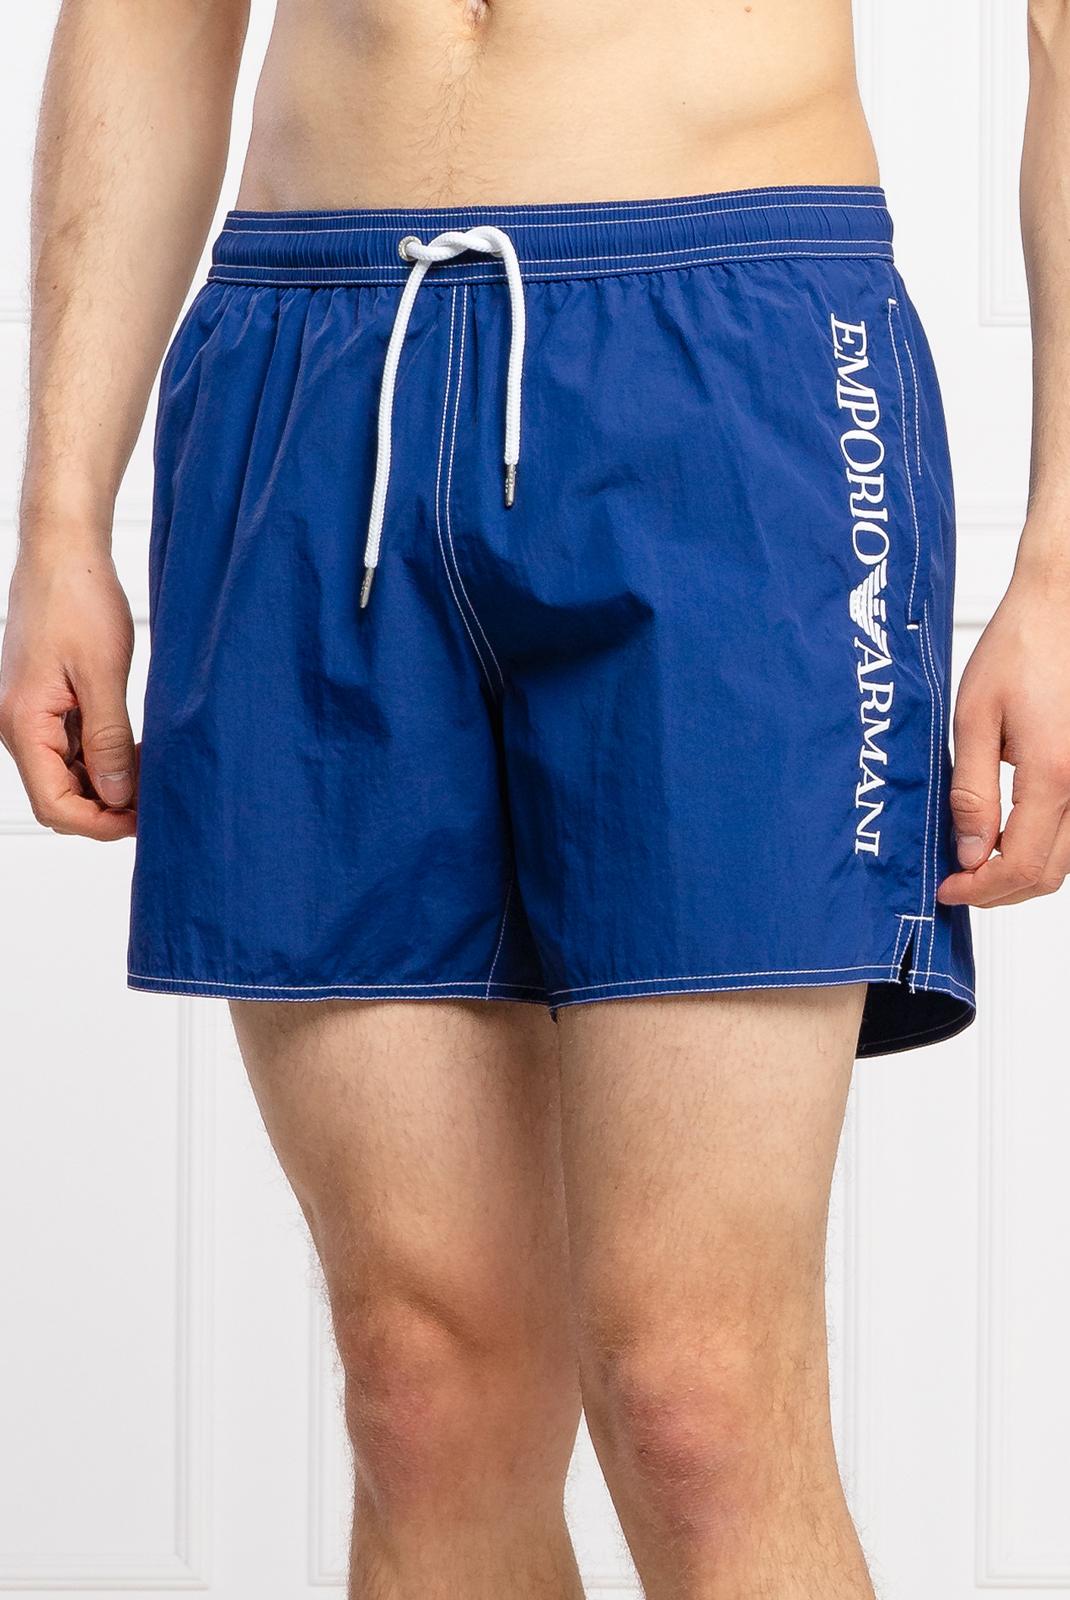 Shorts de bain  Emporio armani 211740 0P422 04433 COBALTO